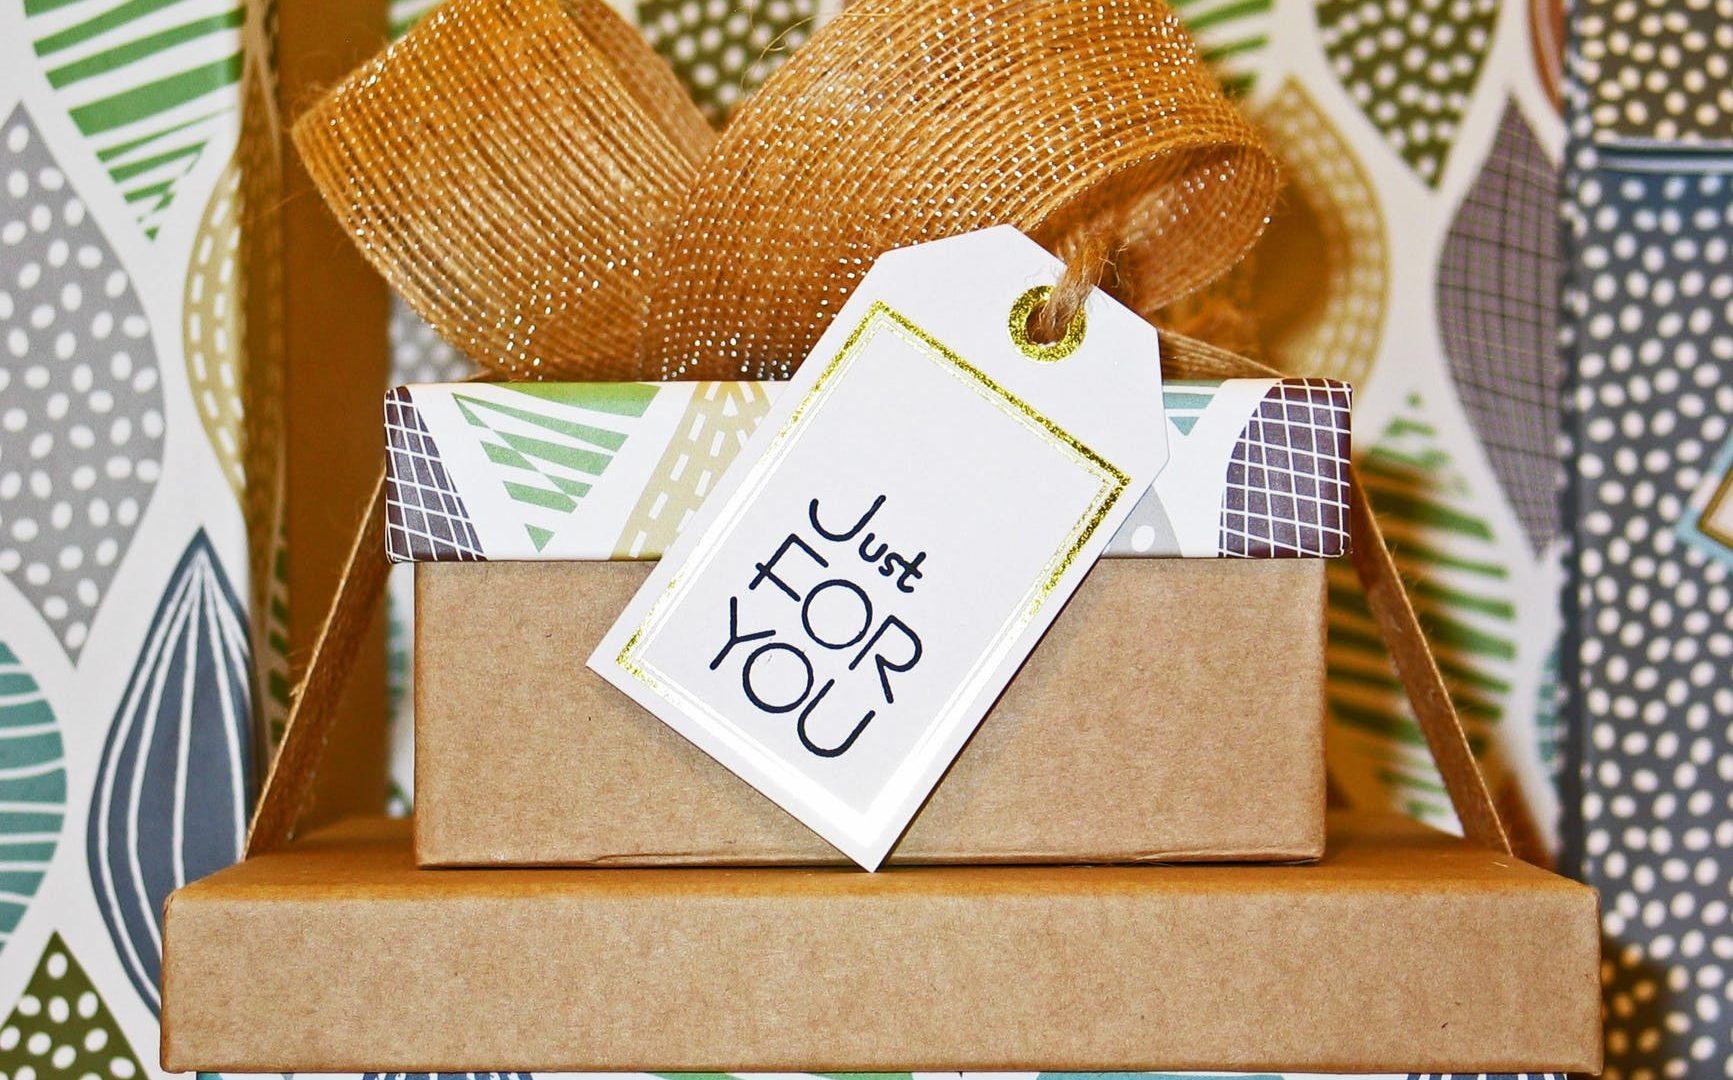 Ciekawy prezent na osiemnastkę? Zobacz, czym się kierować podczas zakupu!